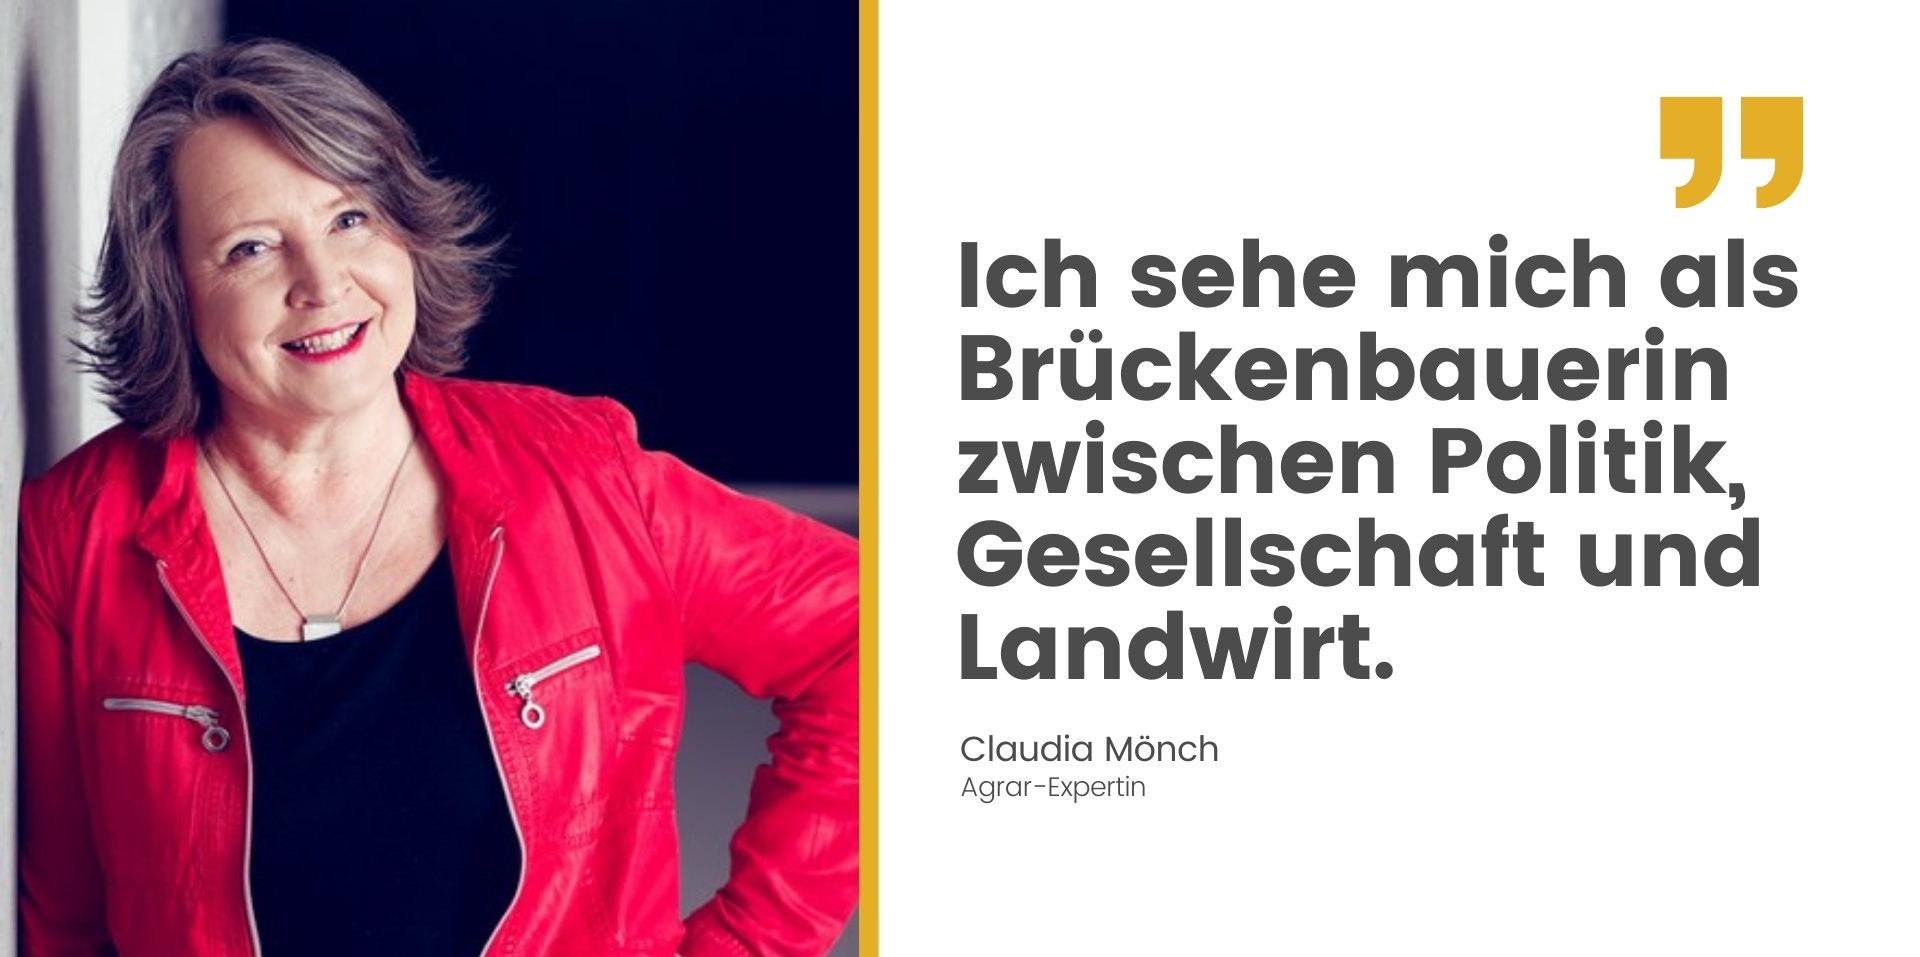 Zusammenarbeit Claudia Mönch Agrarexpertin